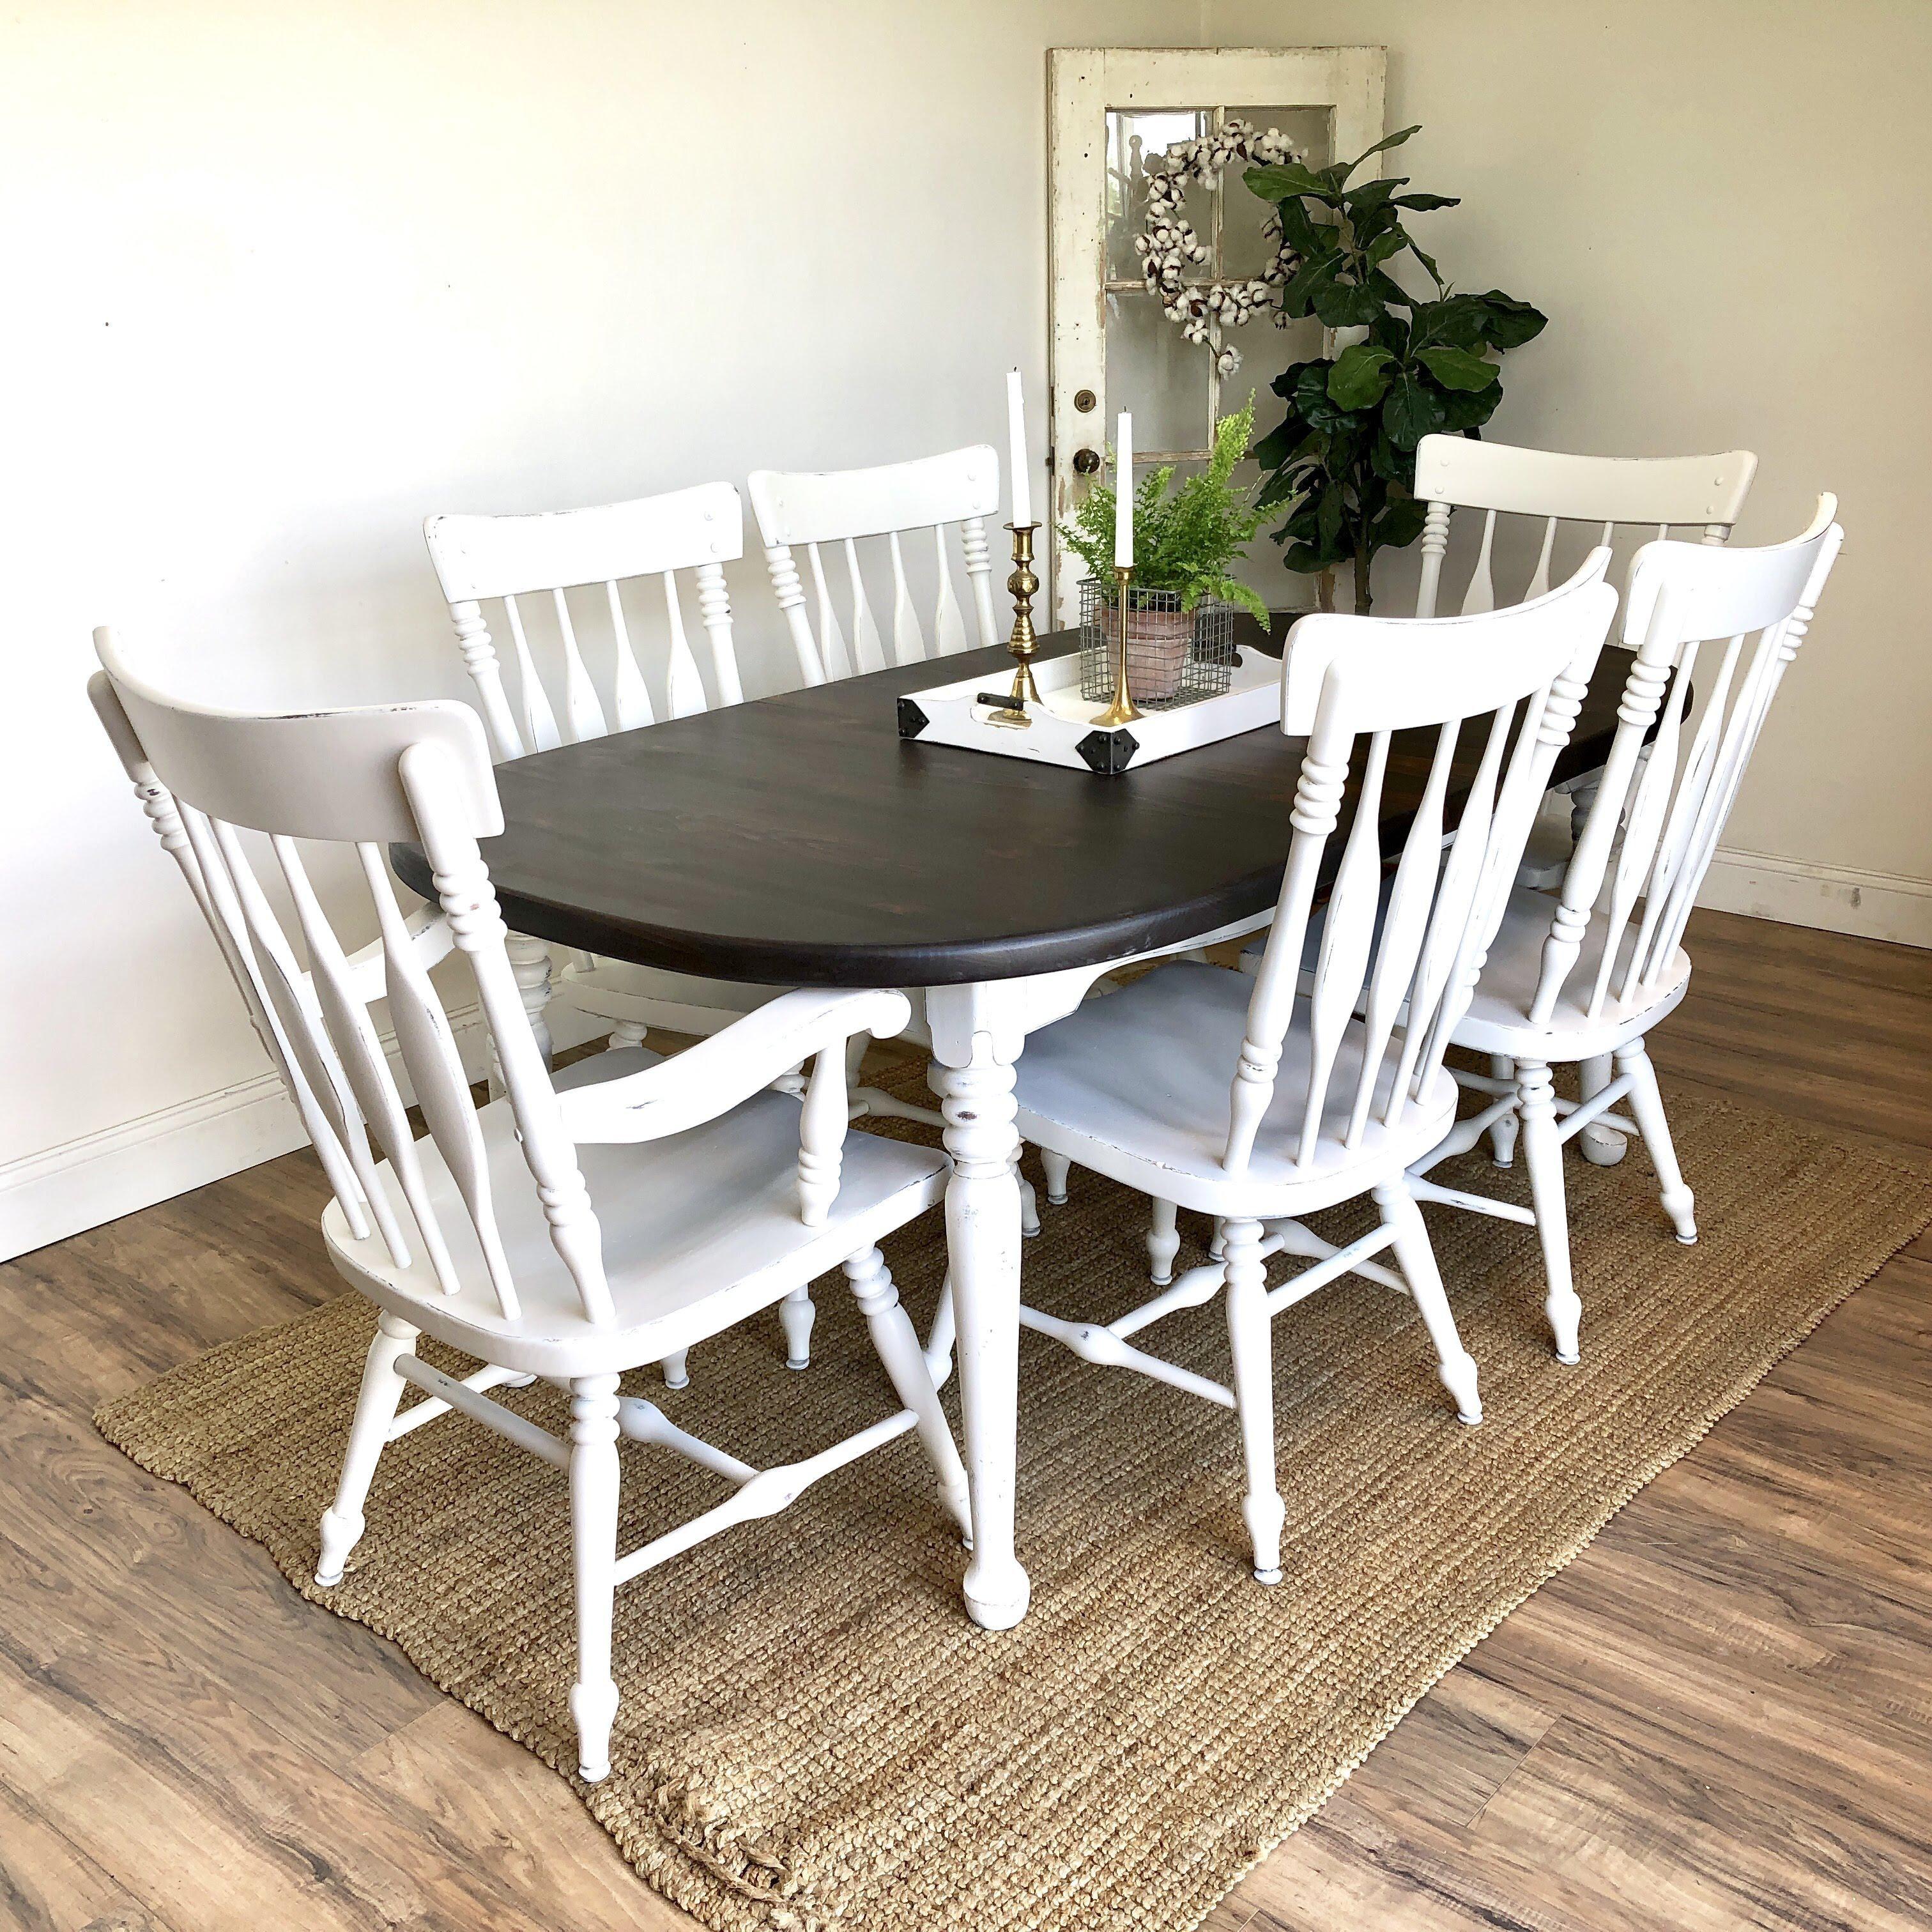 Farmhouse Table Set White Distressed Furniture on